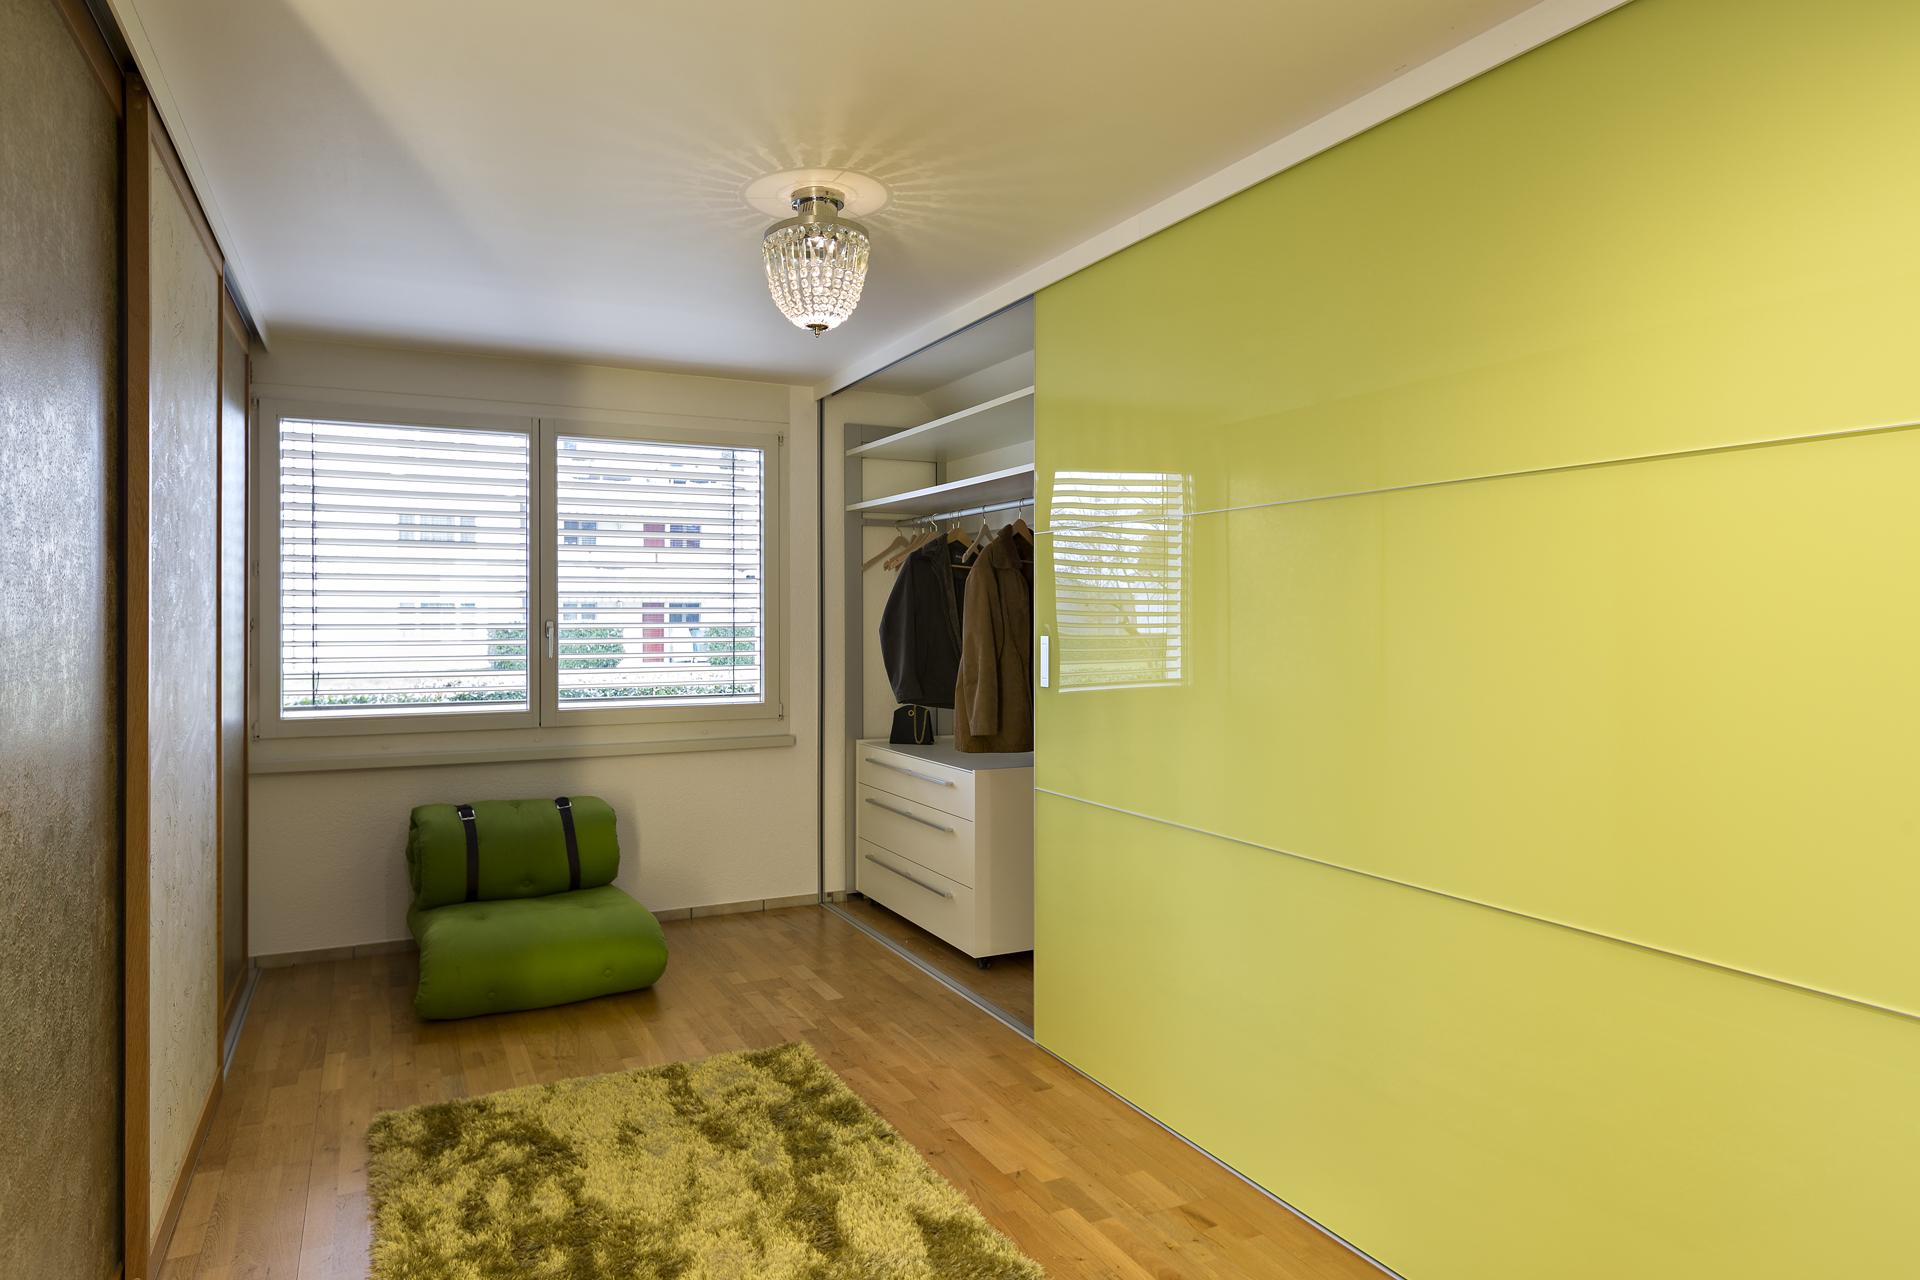 berbreite farbige schiebet ren auf zu. Black Bedroom Furniture Sets. Home Design Ideas